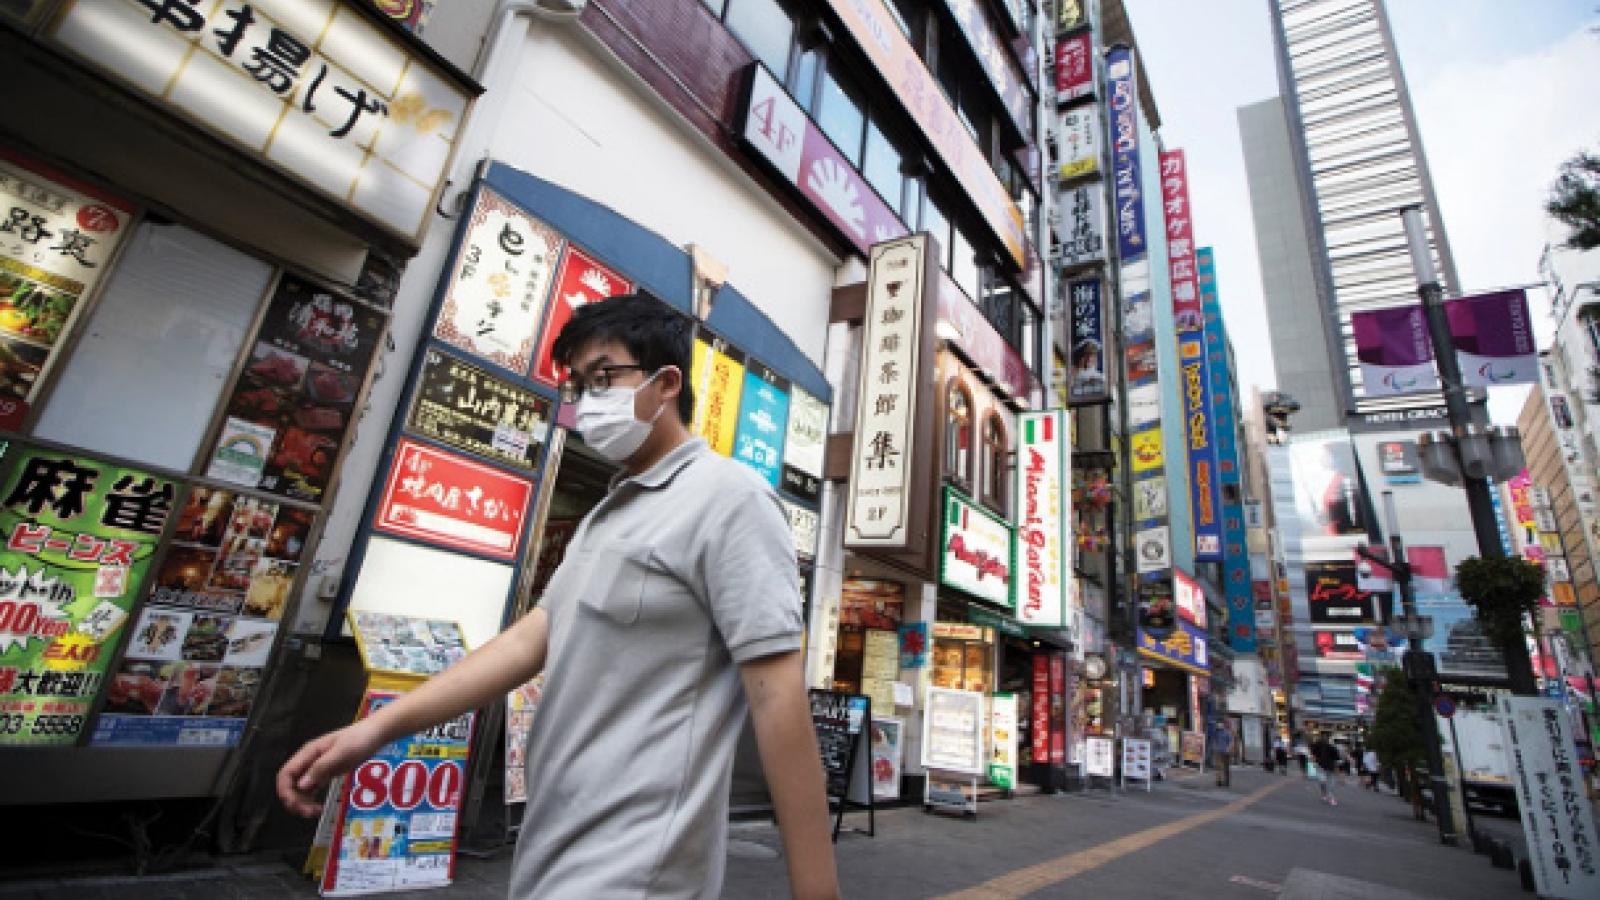 Làn sóng dịch bệnh mới có thể dập tắt hy vọng phục hồi kinh tế Nhật Bản